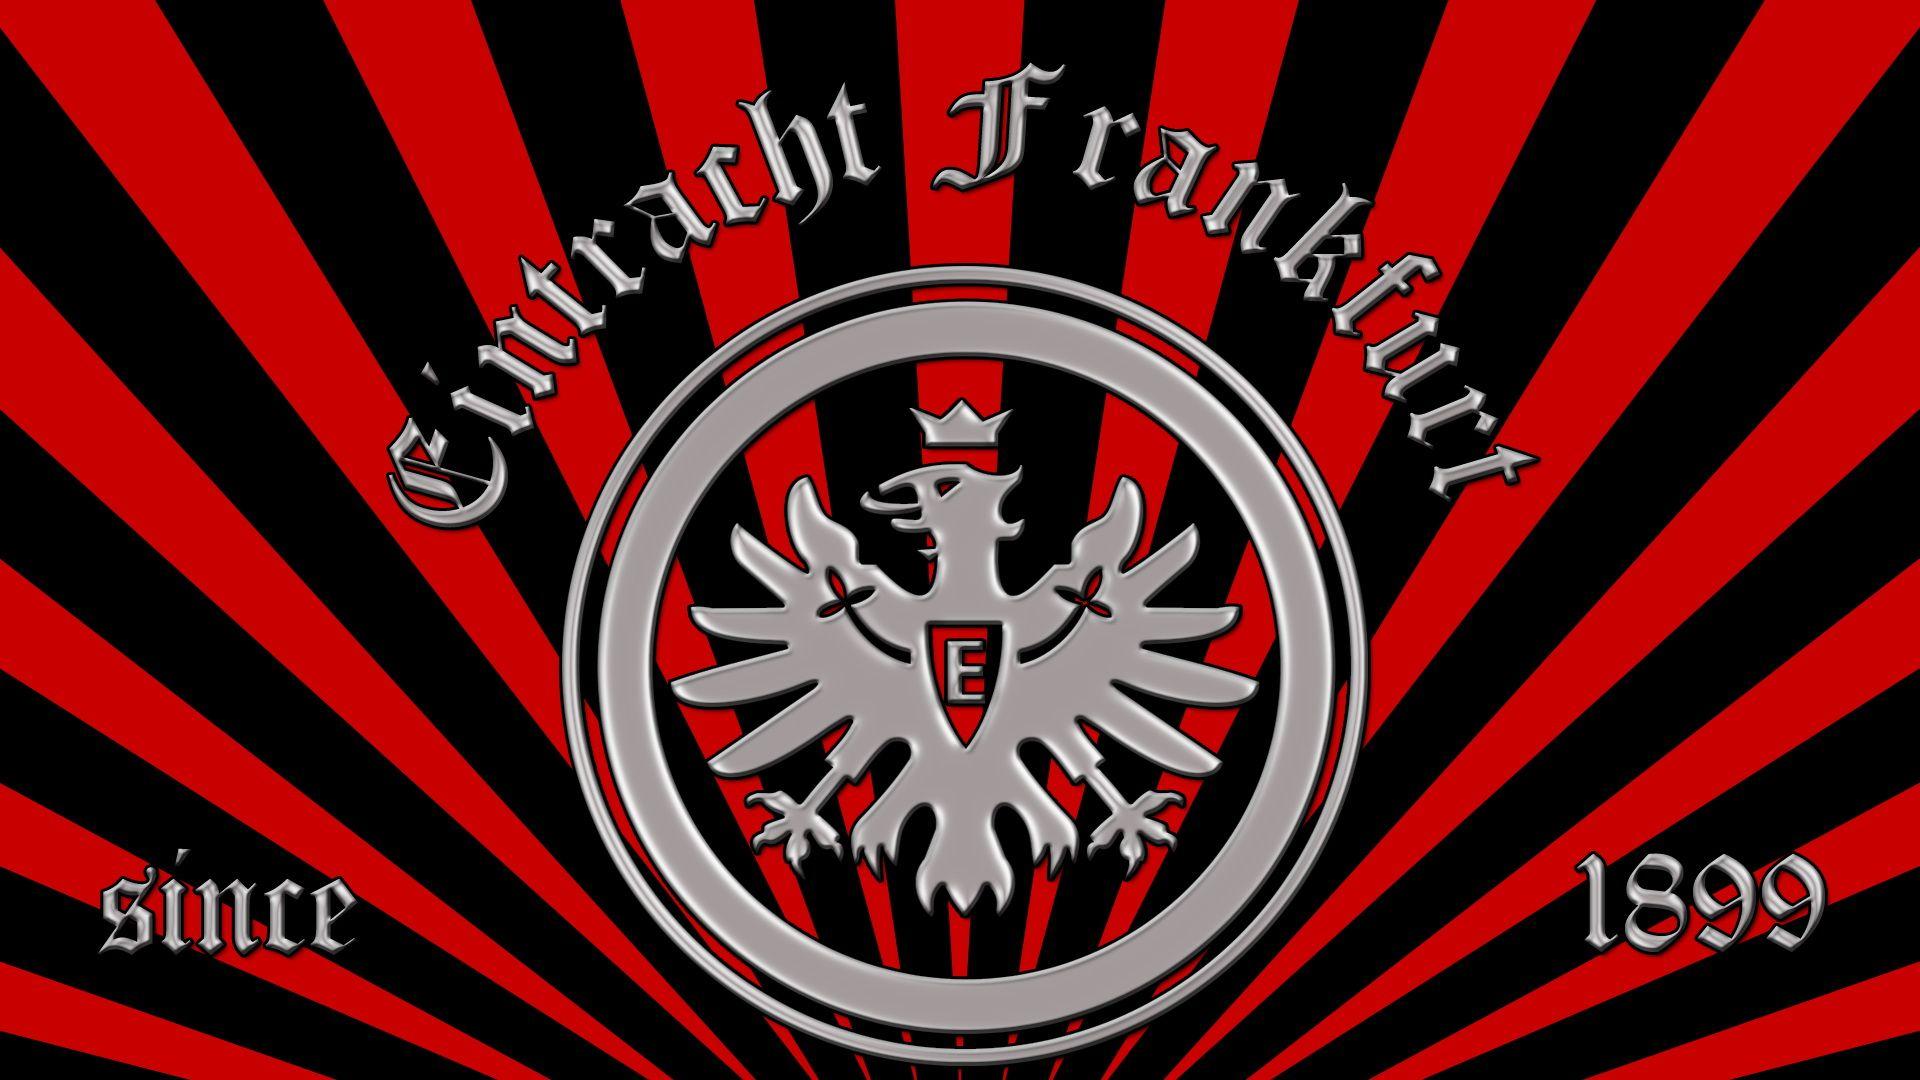 Eintracht F Since 1899 By Rsffm On Deviantart Frankfurt Wallpaper Deviantart